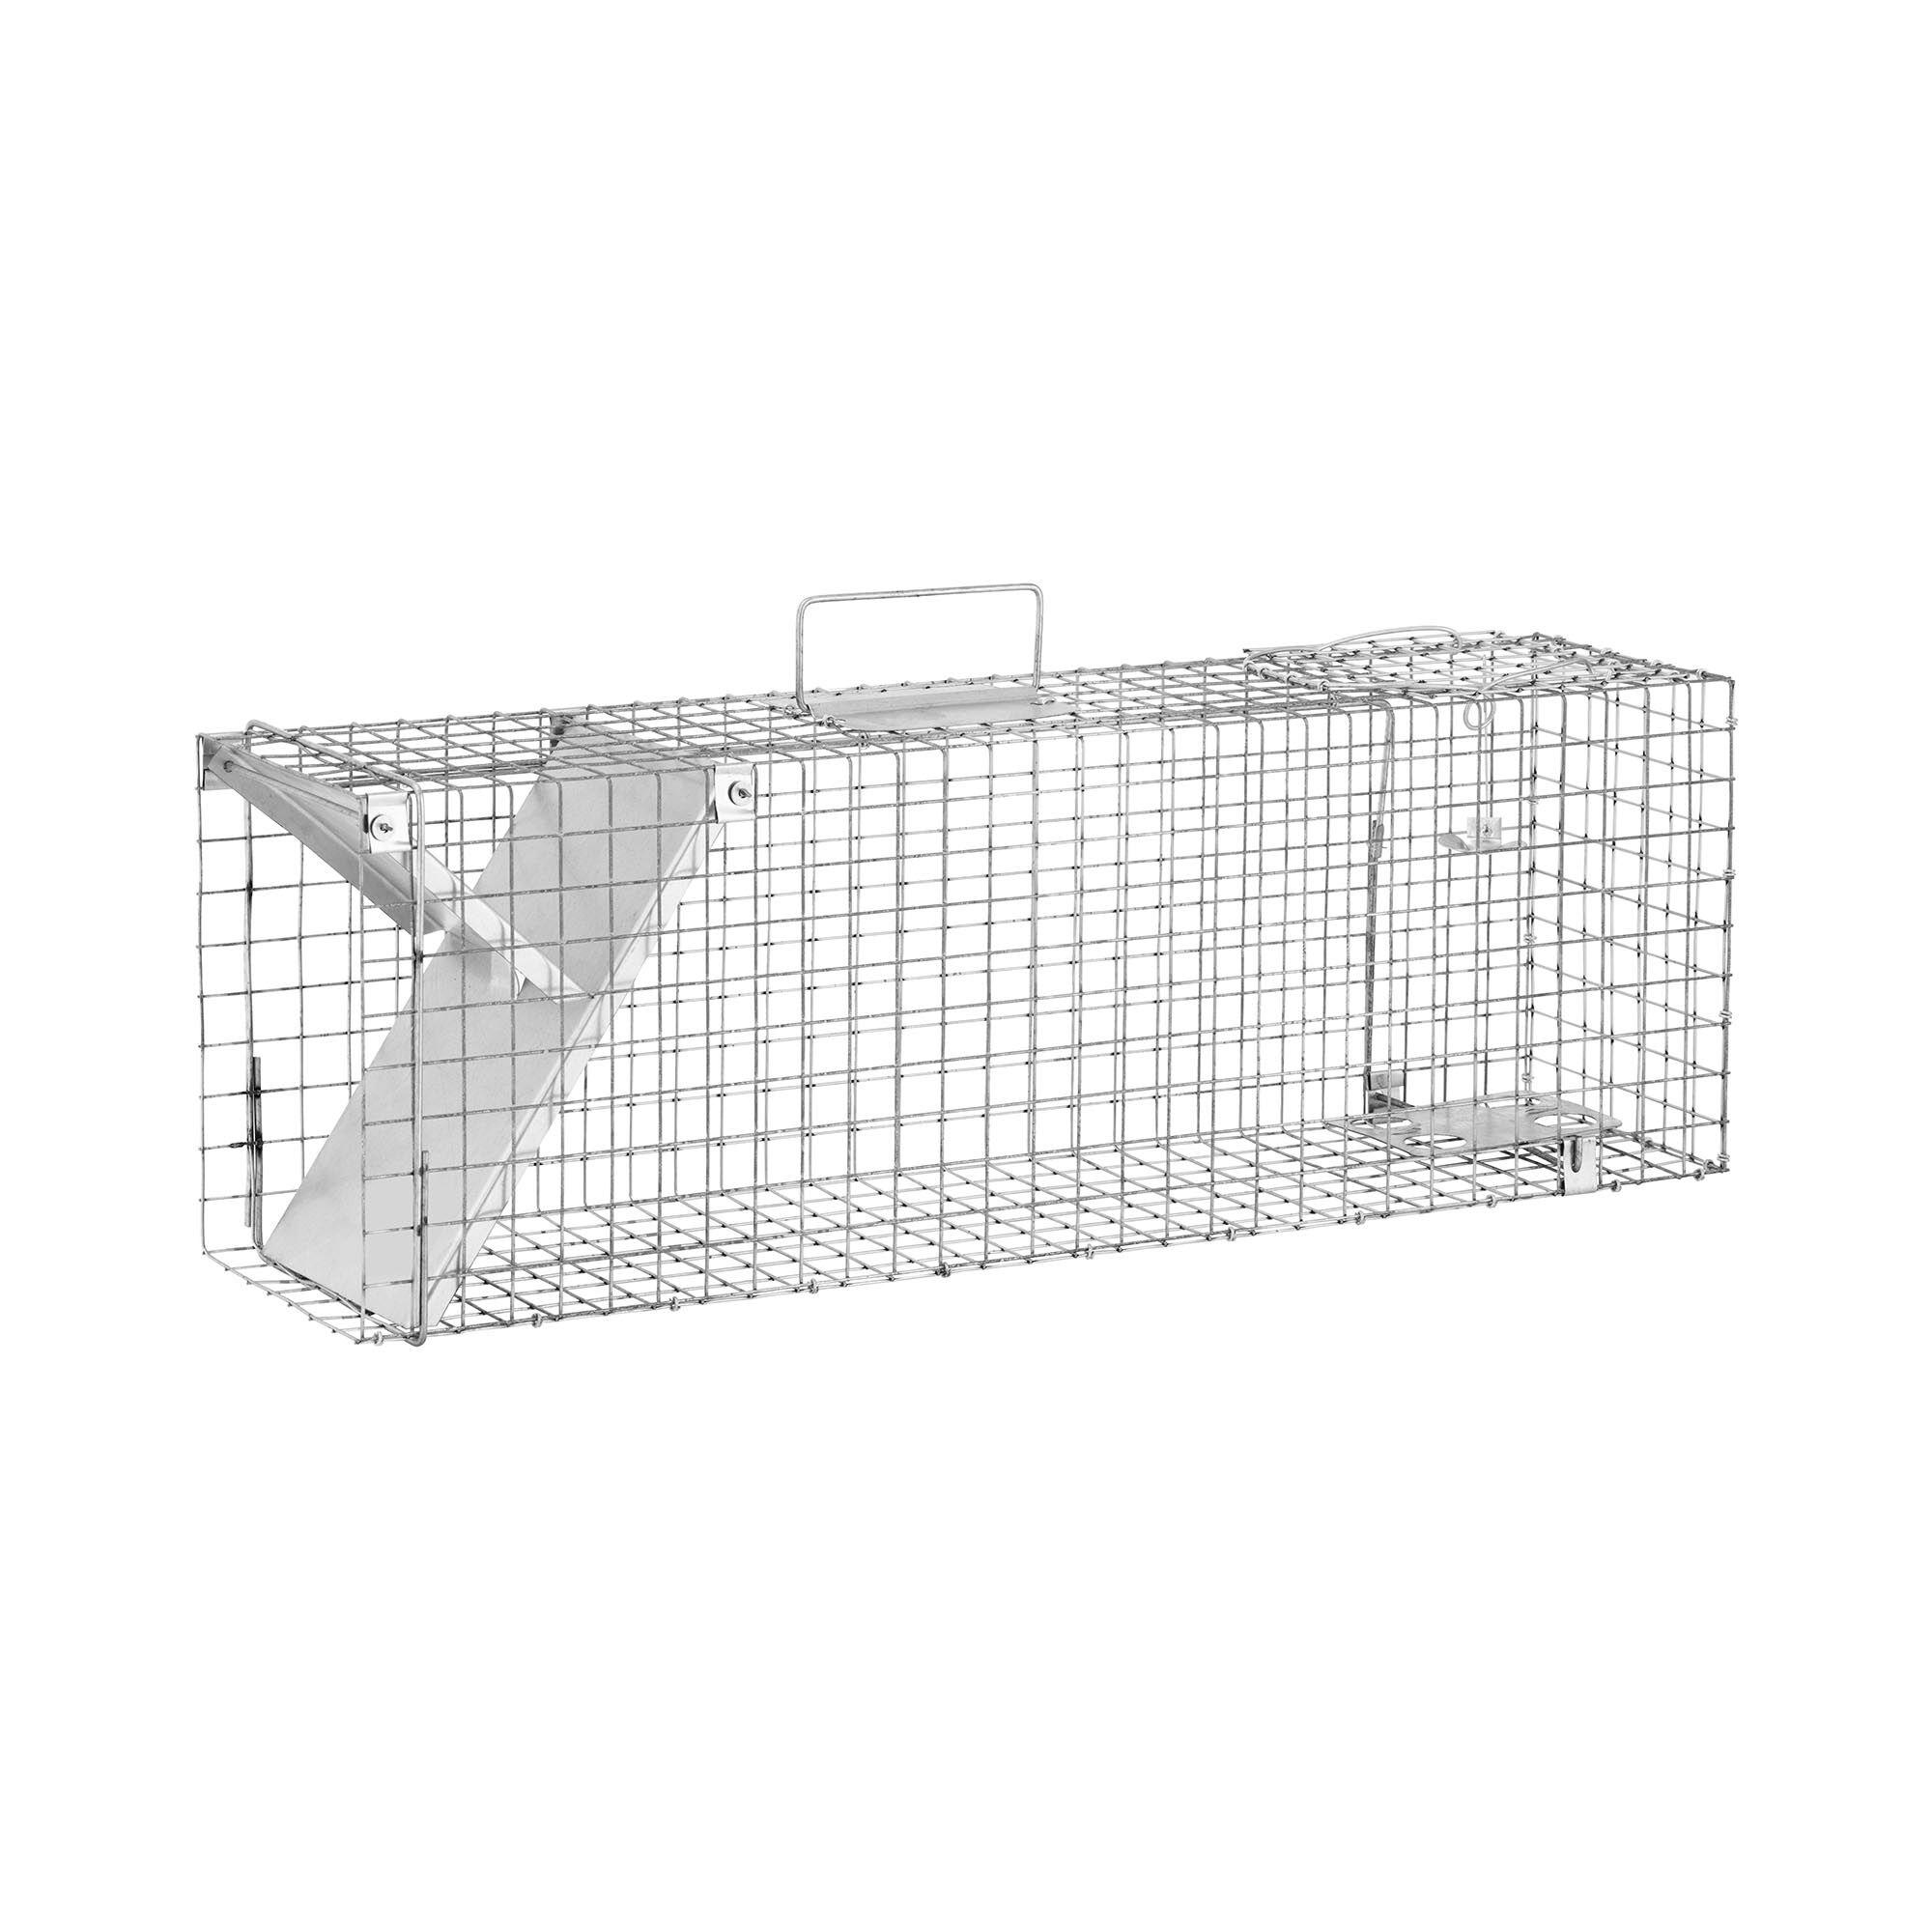 Wiesenfield Trappola per animali - 820 x 200 x 270 mm - Dimensioni grata: 25 x 25 mm WIE-AT-200